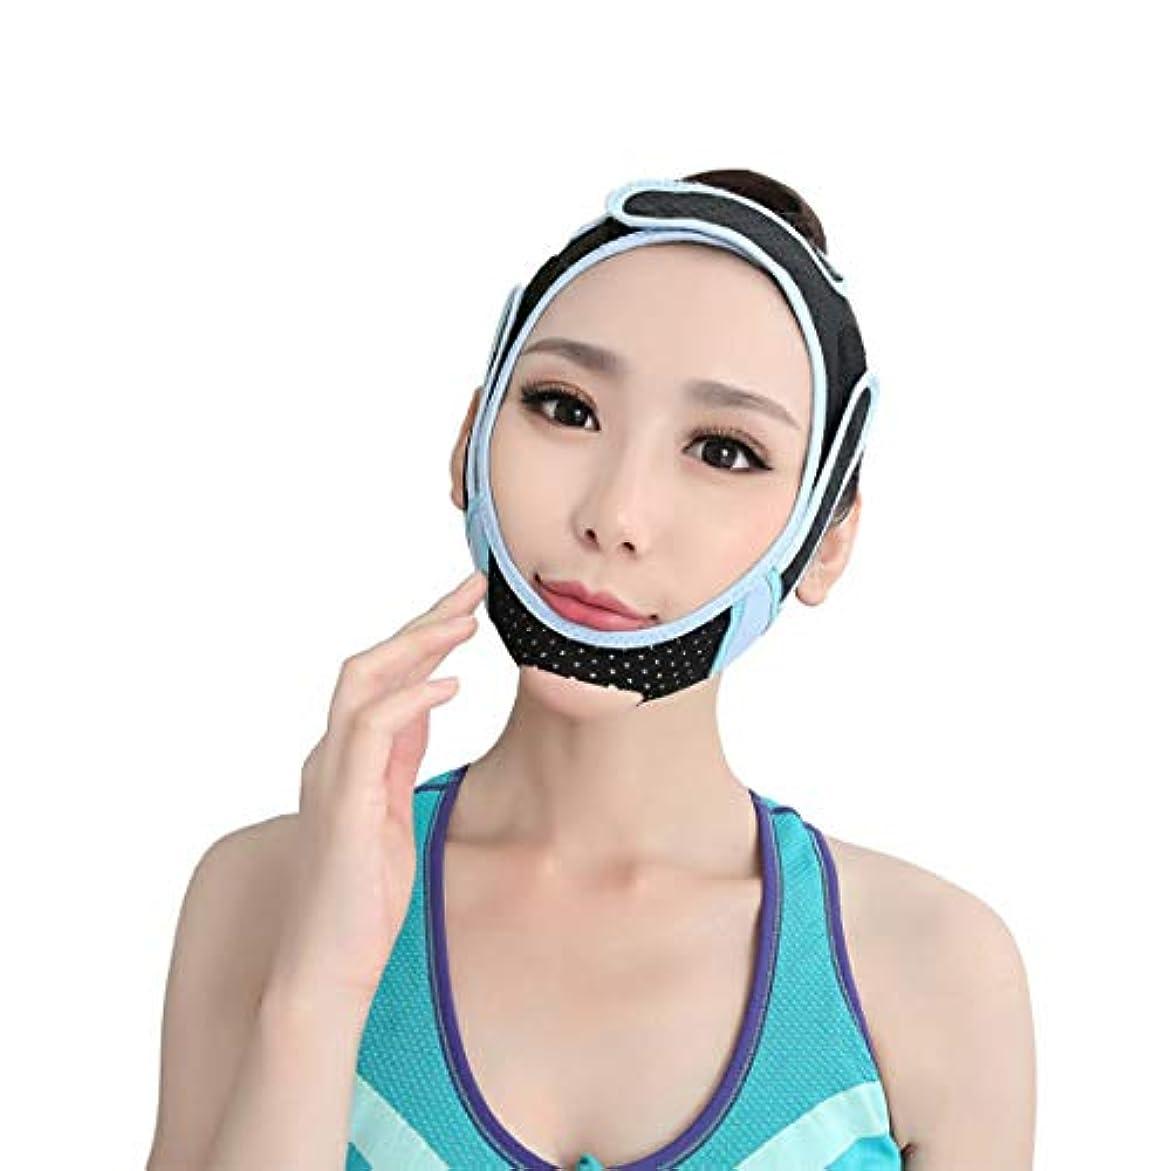 反動排除するできる小顔 ベルト リフトアップ フェイスマスク グ矯正 Vライン 美顏 顎サポーターサポータマスク ベルト 美顏器 男女兼用 通気性抜群 ホワ